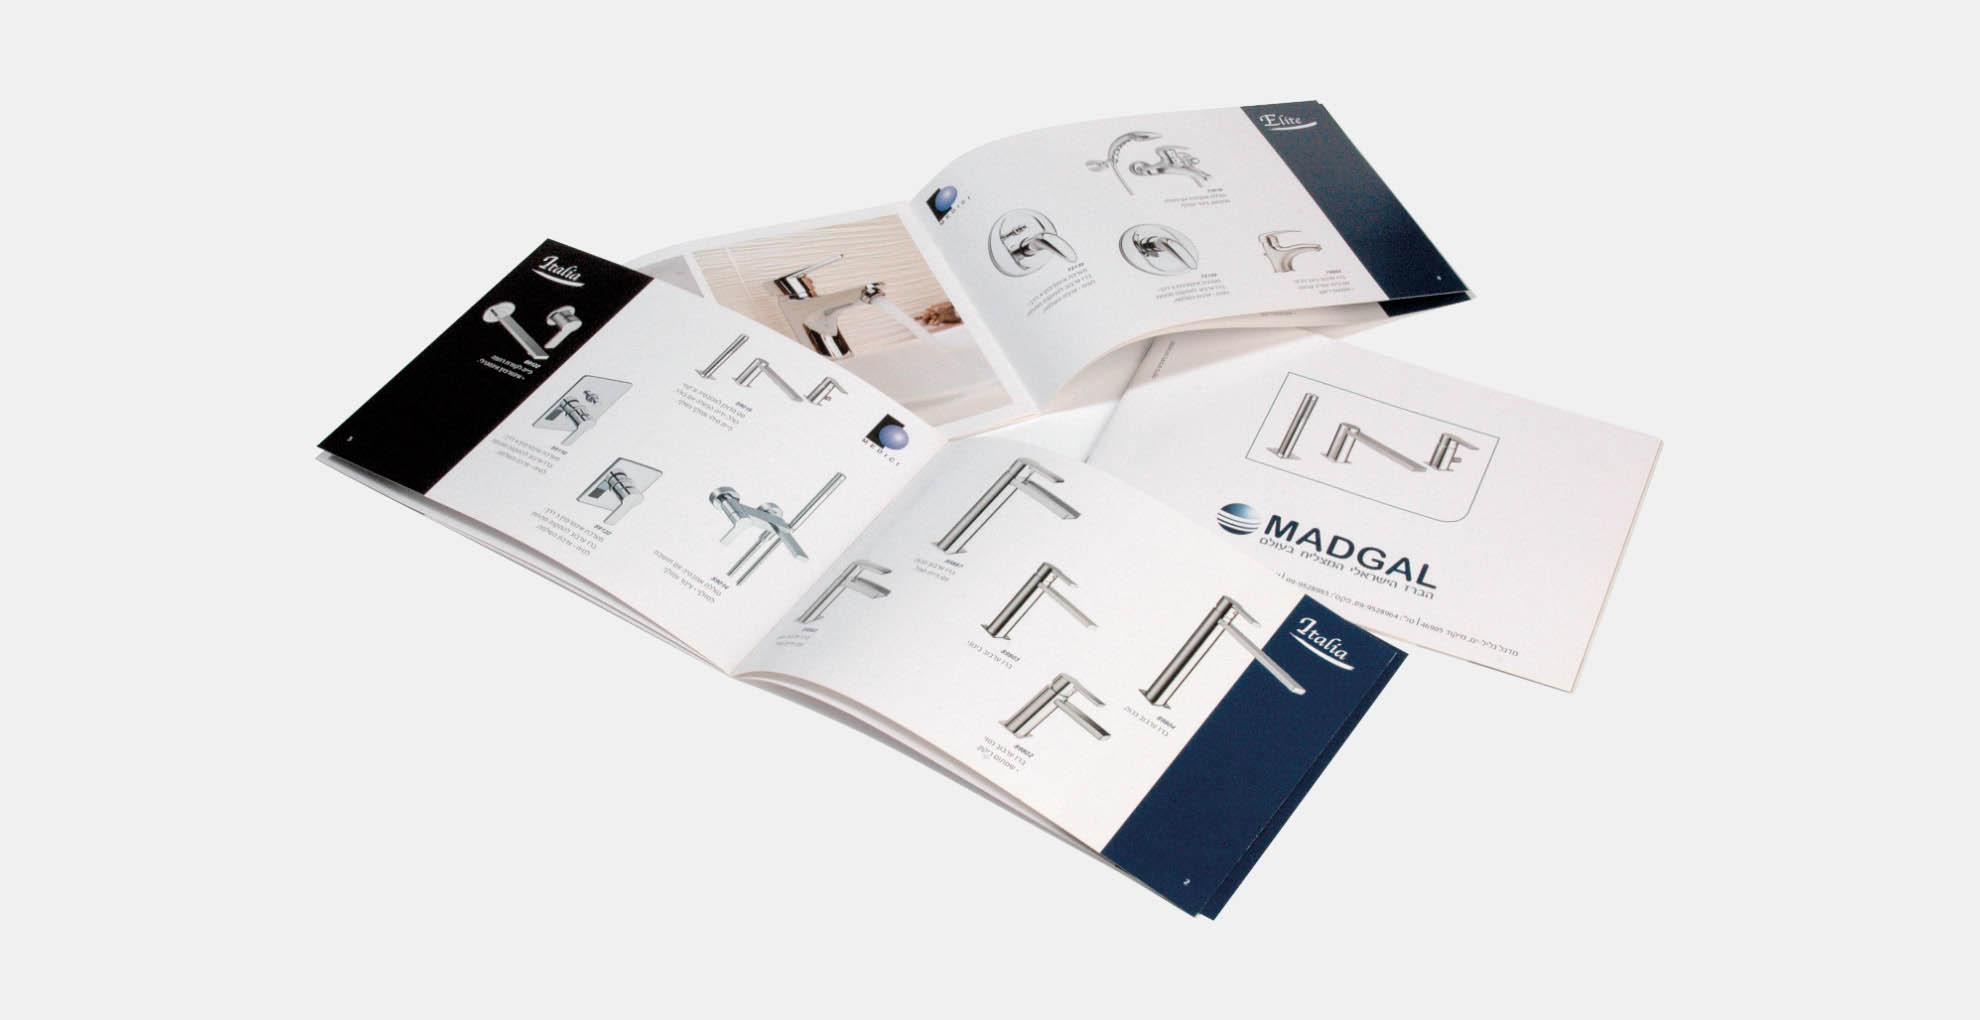 עיצוב וביצוע גרפי של מוצרי דפוס כולל הפקת דפוס משלב הרעיון והתכנון עד לייצור המוצר המוגמר